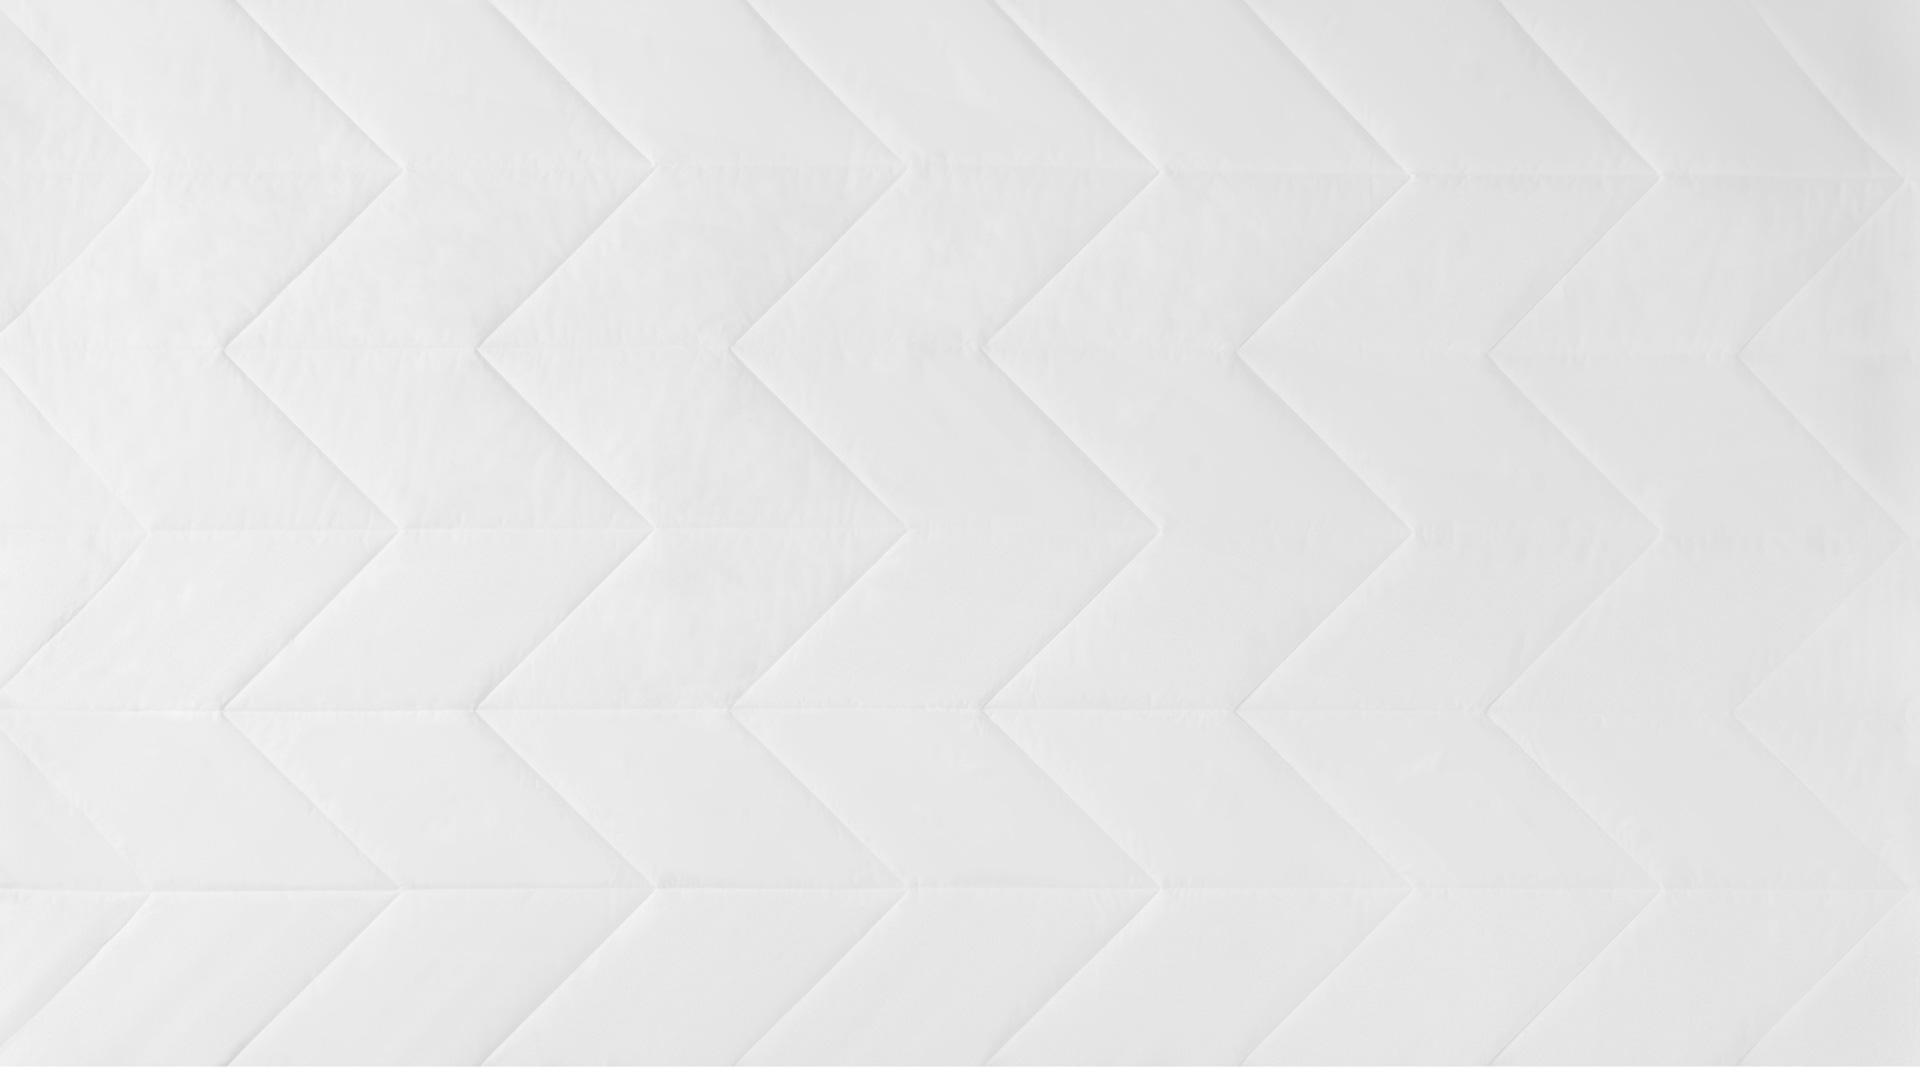 表面采用内衣品级100%全棉面料,面料纱线以40纱支200根密度为标准,质感细腻柔软,具有吸汗、保温、耐热、安全不刺激的特性,每晚给肌肤婴儿般的吻。所有菱形格均采用45°折线绗缝工艺,保证填充物固定不脱絮的同时被芯薄厚均匀,藏在被罩里的第一层都要精准美观。?x-oss-process=image/format,jpg/interlace,1